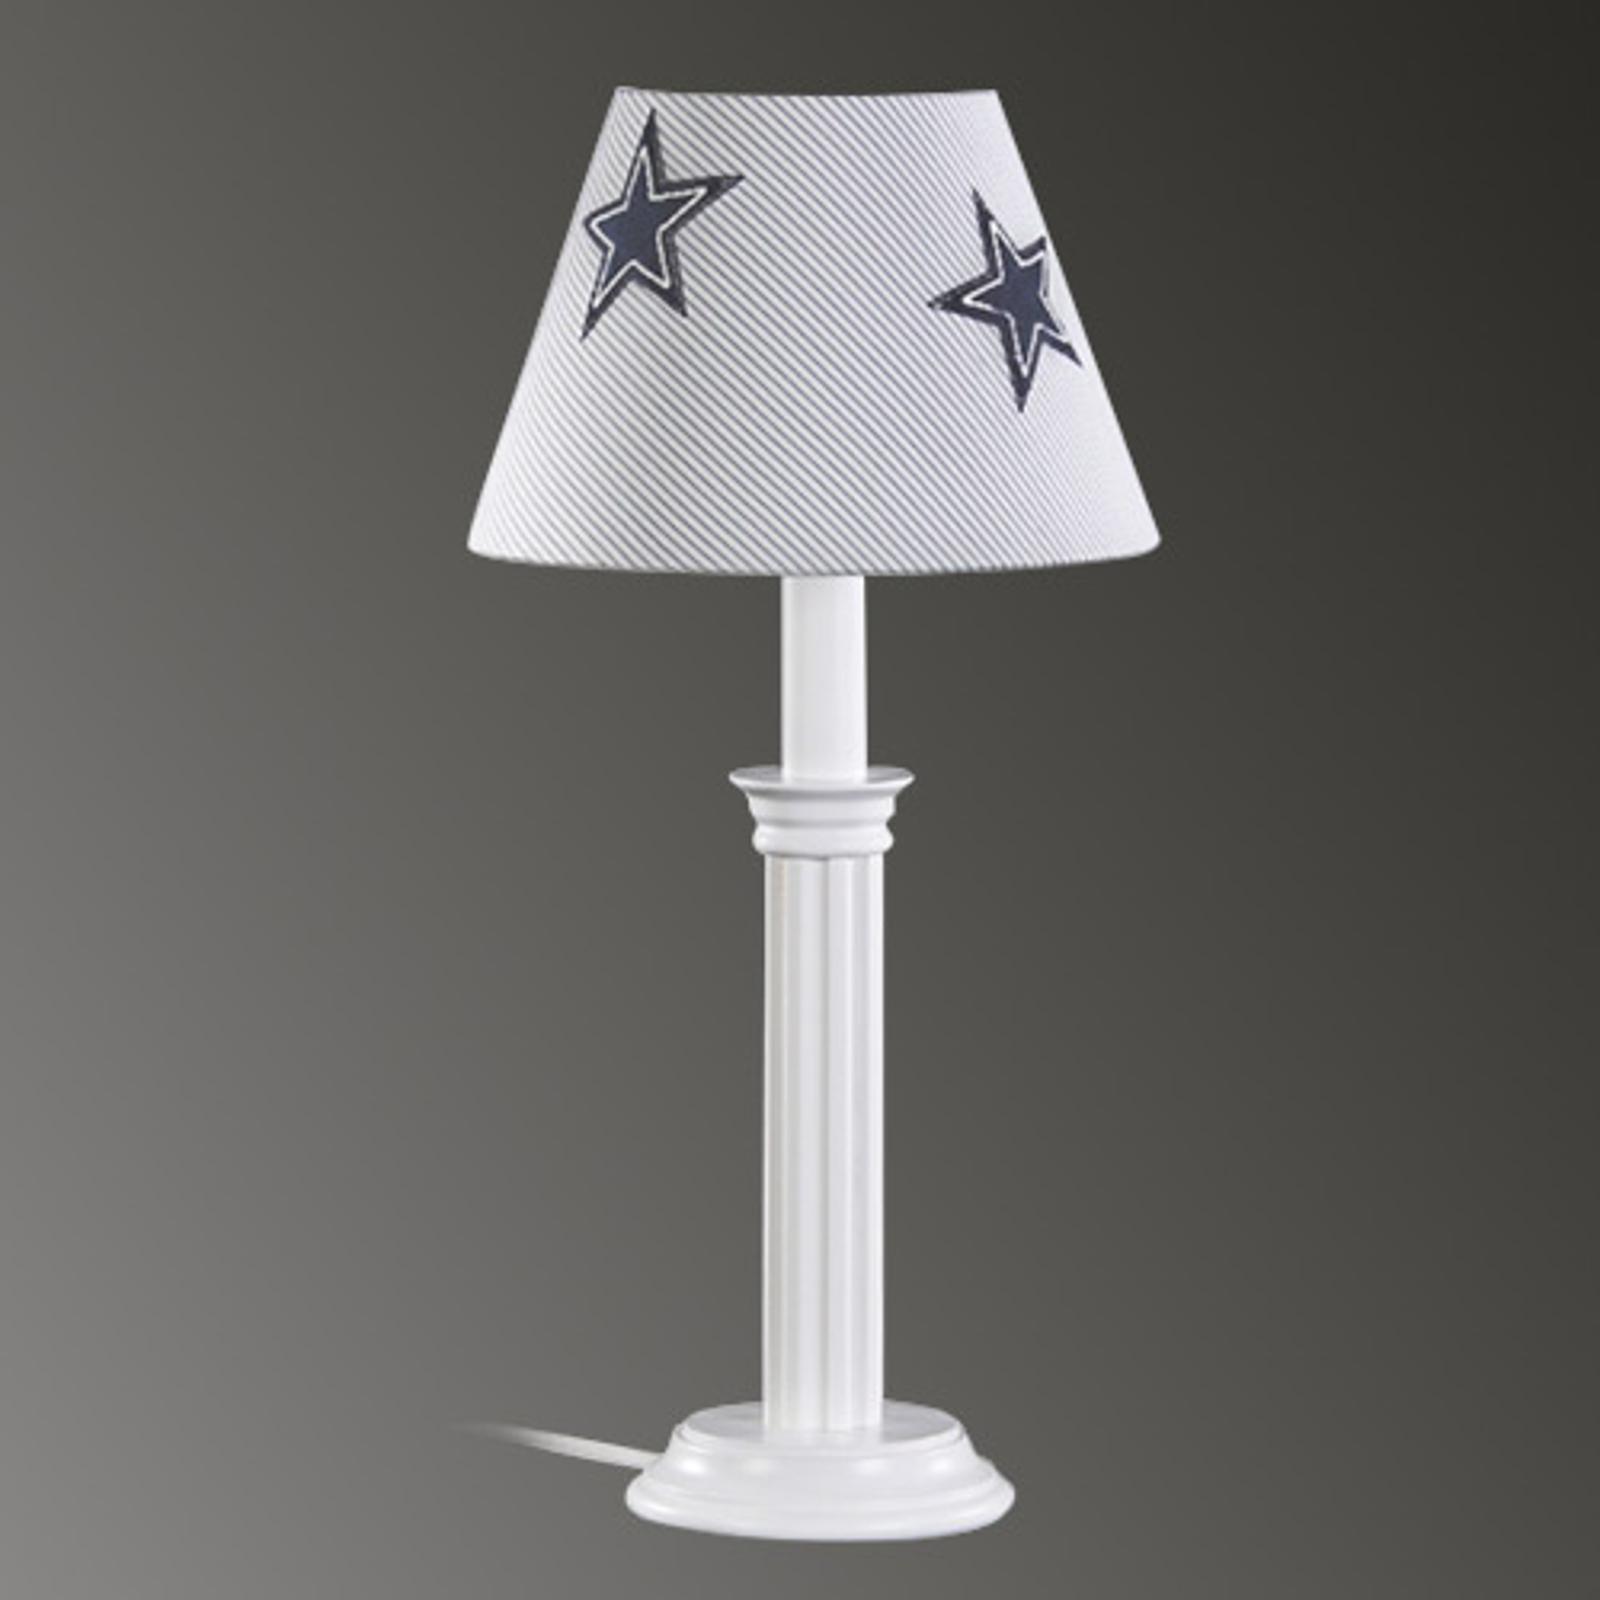 Lampe à poser chambre d'enfant Denim avec étoiles